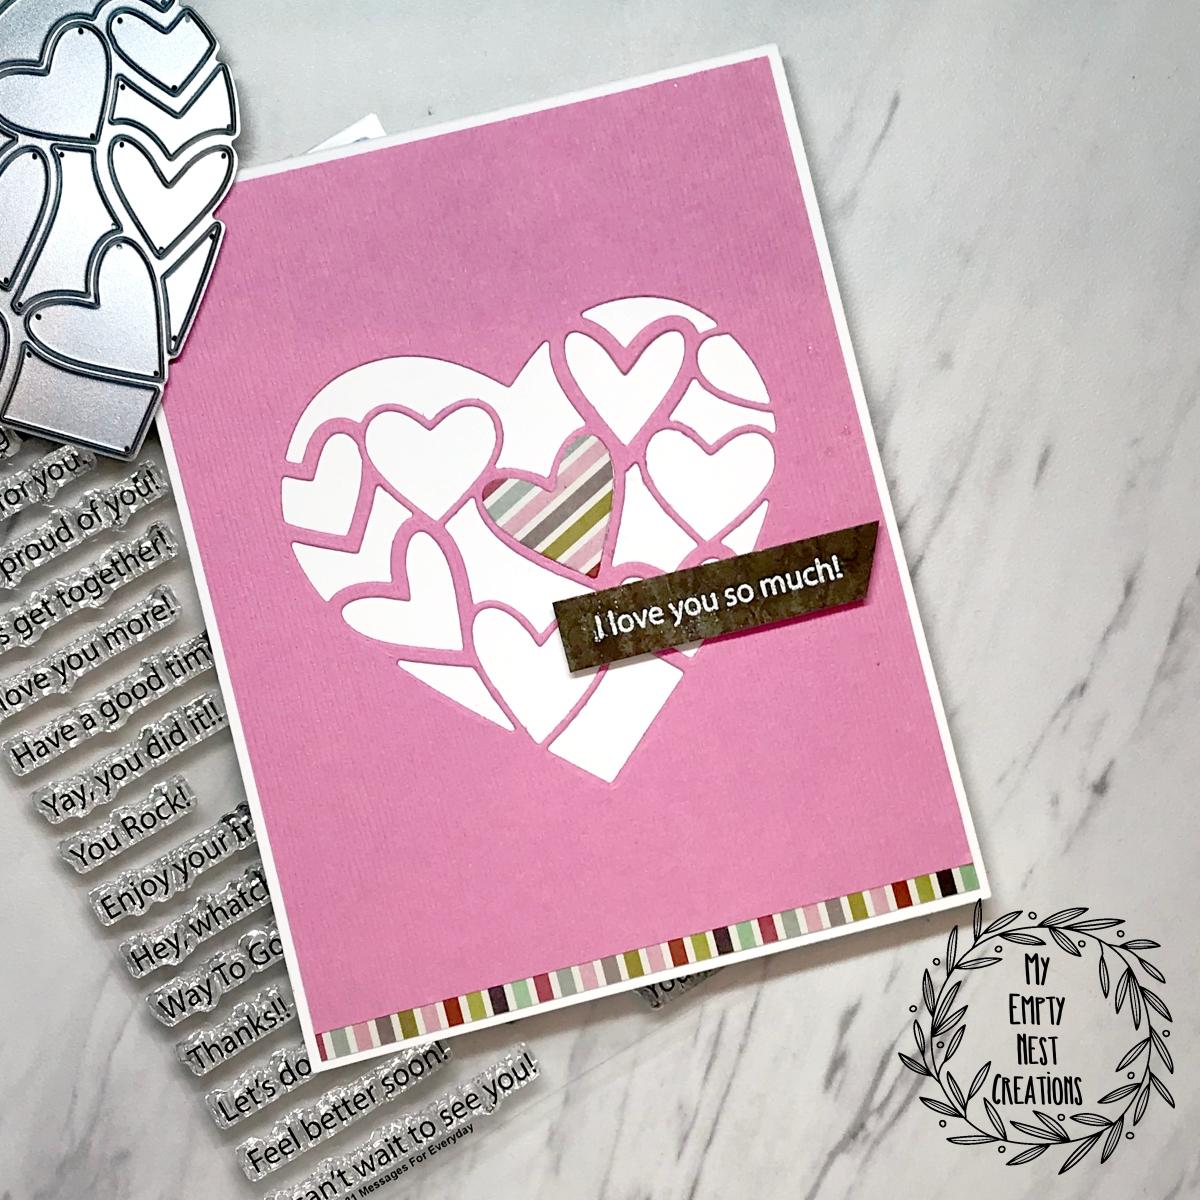 My Empty Nest Creations Valentine using Poppystamps Inlay Heart Die